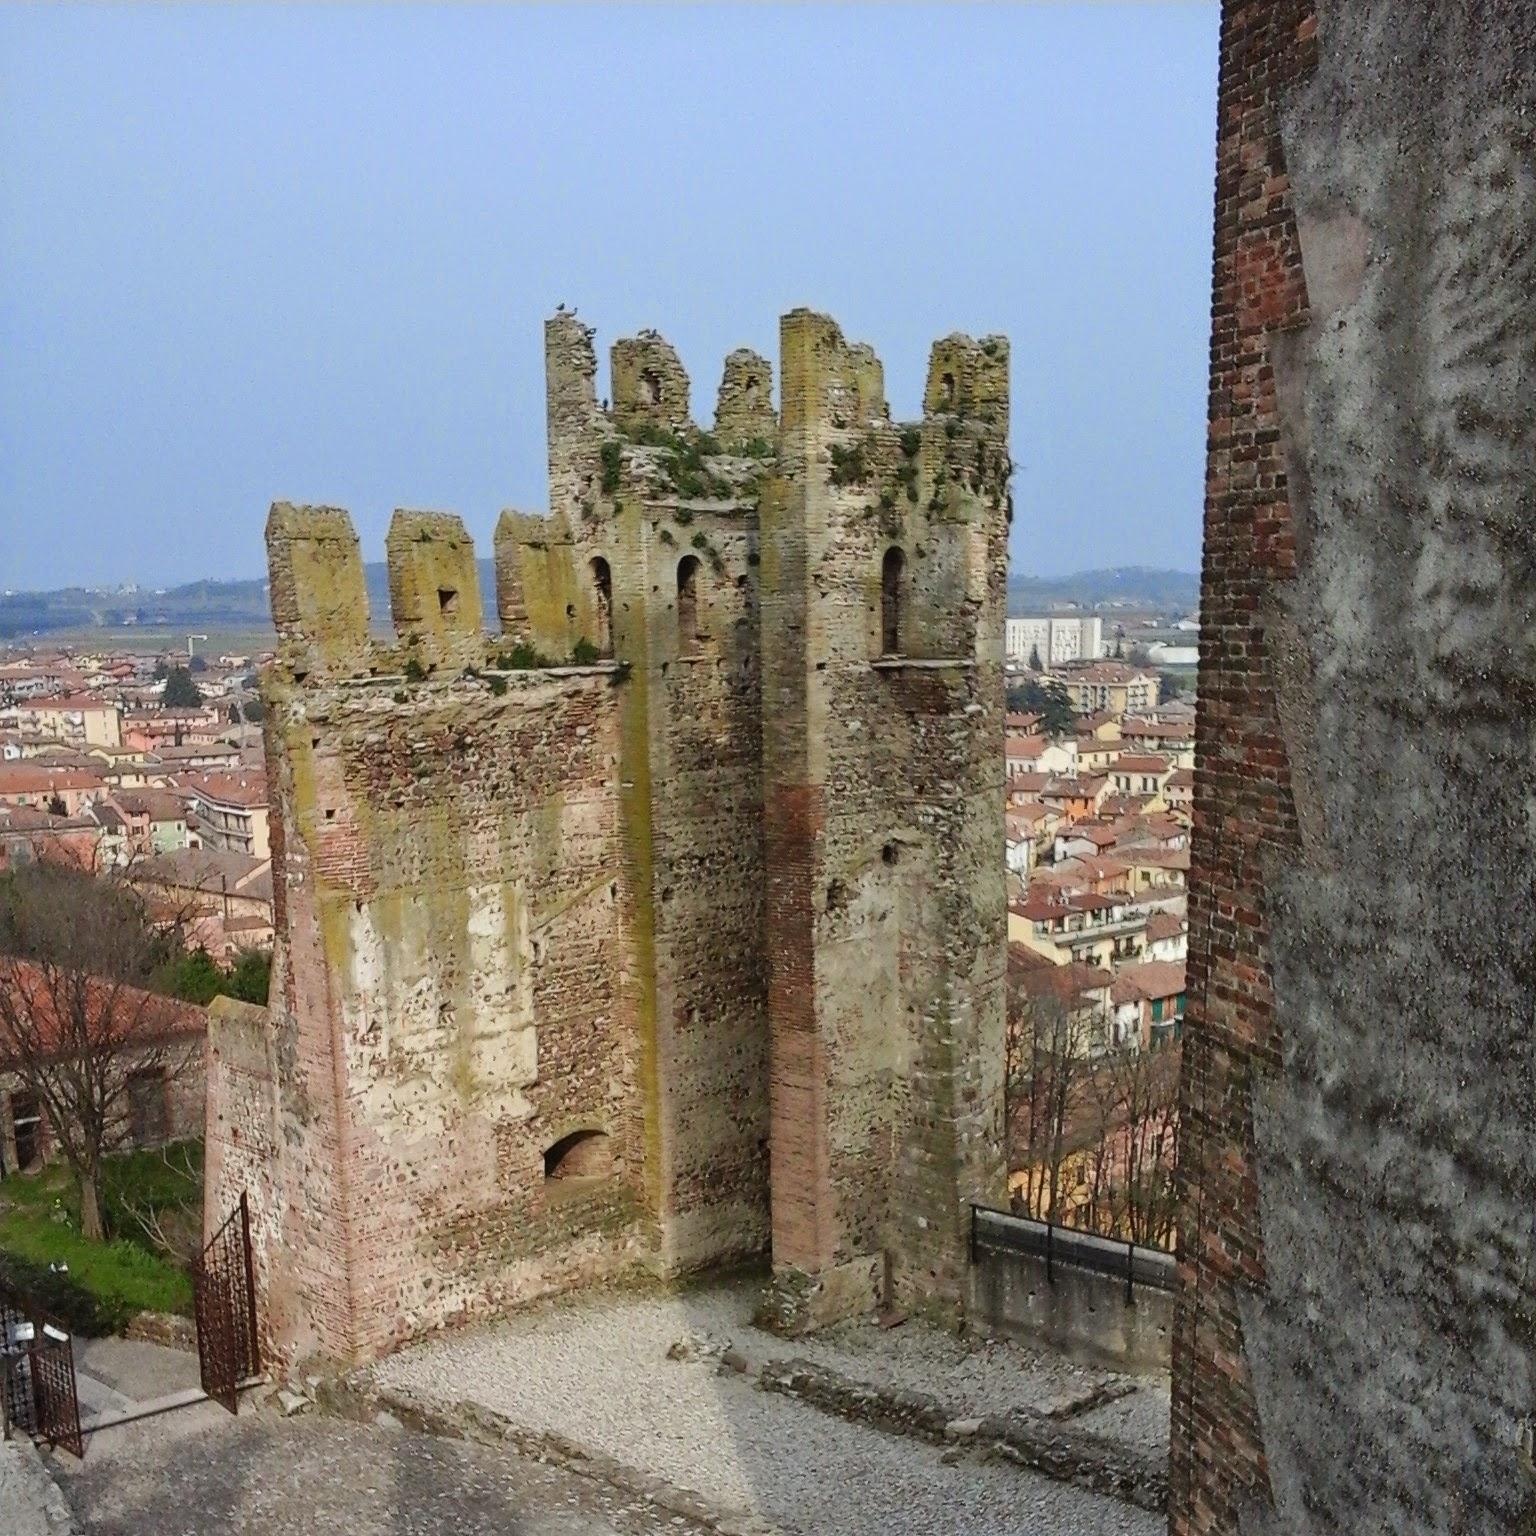 Valeggio sul Mincio, particolare di una delle torri di guardia del castello scaligero - Foto di Monica Gatti La gatita sotto le due torri blog